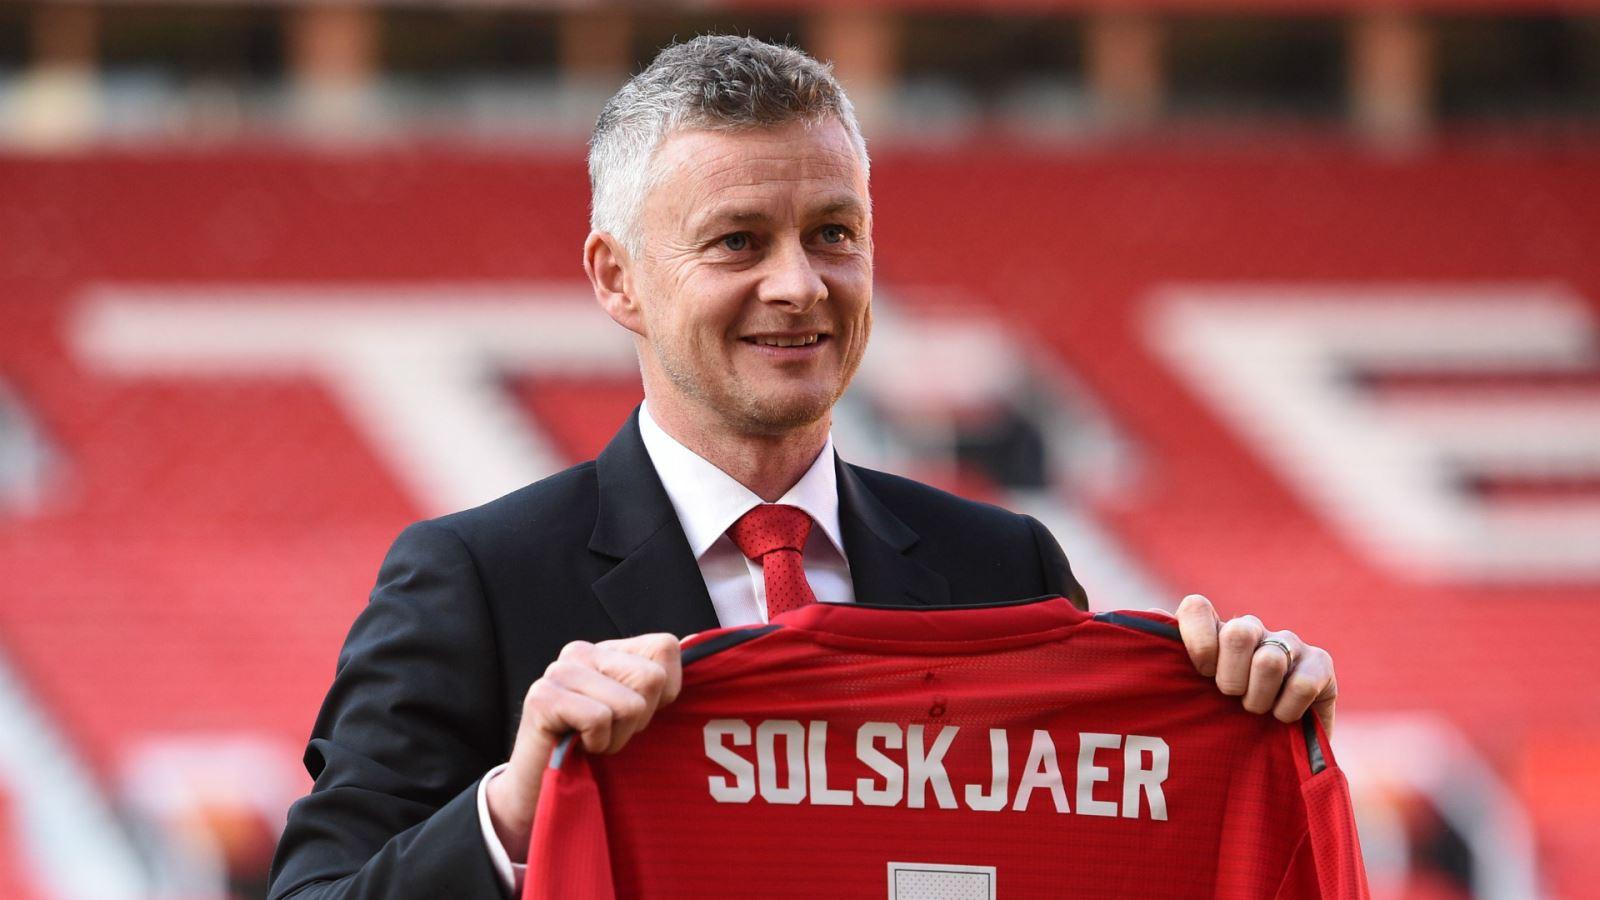 mu, manchester united, MU, lịch thi đấu MU, trực tiếp MU, xem trực tiếp MU, chuyển nhượng MU, Ole Gunnar Solskjaer